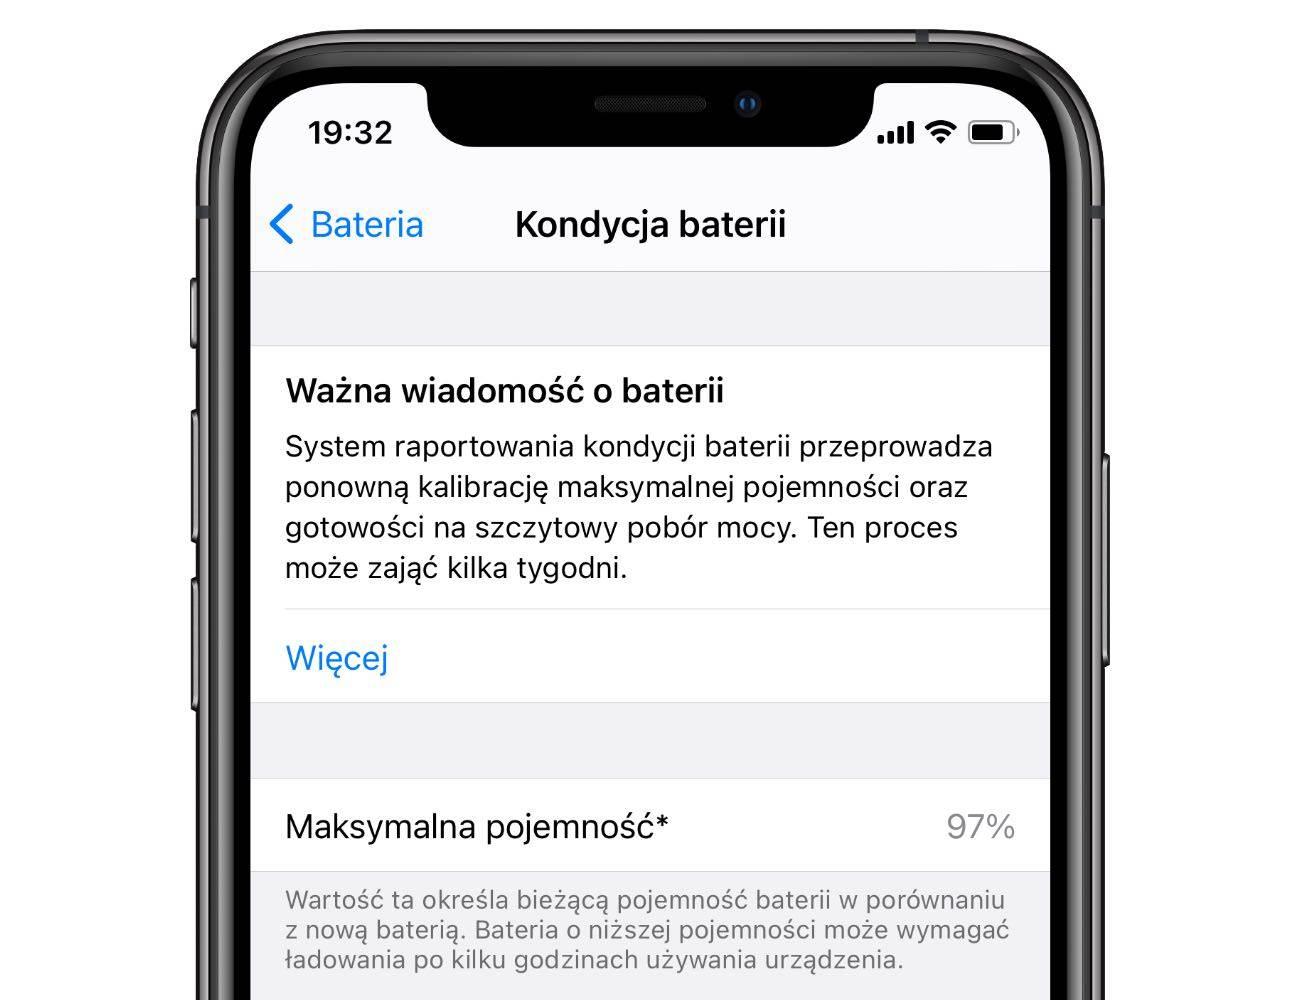 iOS 14.5 wprowadza narzędzie do ponownej kalibracji baterii polecane, ciekawostki rekalibracja baterii, kalibracja, iOS 14.5, bateria  Jak wiesz, wszystkie baterie litowe ulegają zużyciu i z biegiem czasu, stają się coraz mniej wydajne, ponieważ maksymalna pojemność energii zwykle spada i nie osiąga już 100%. iOS14.5 kondycja 1